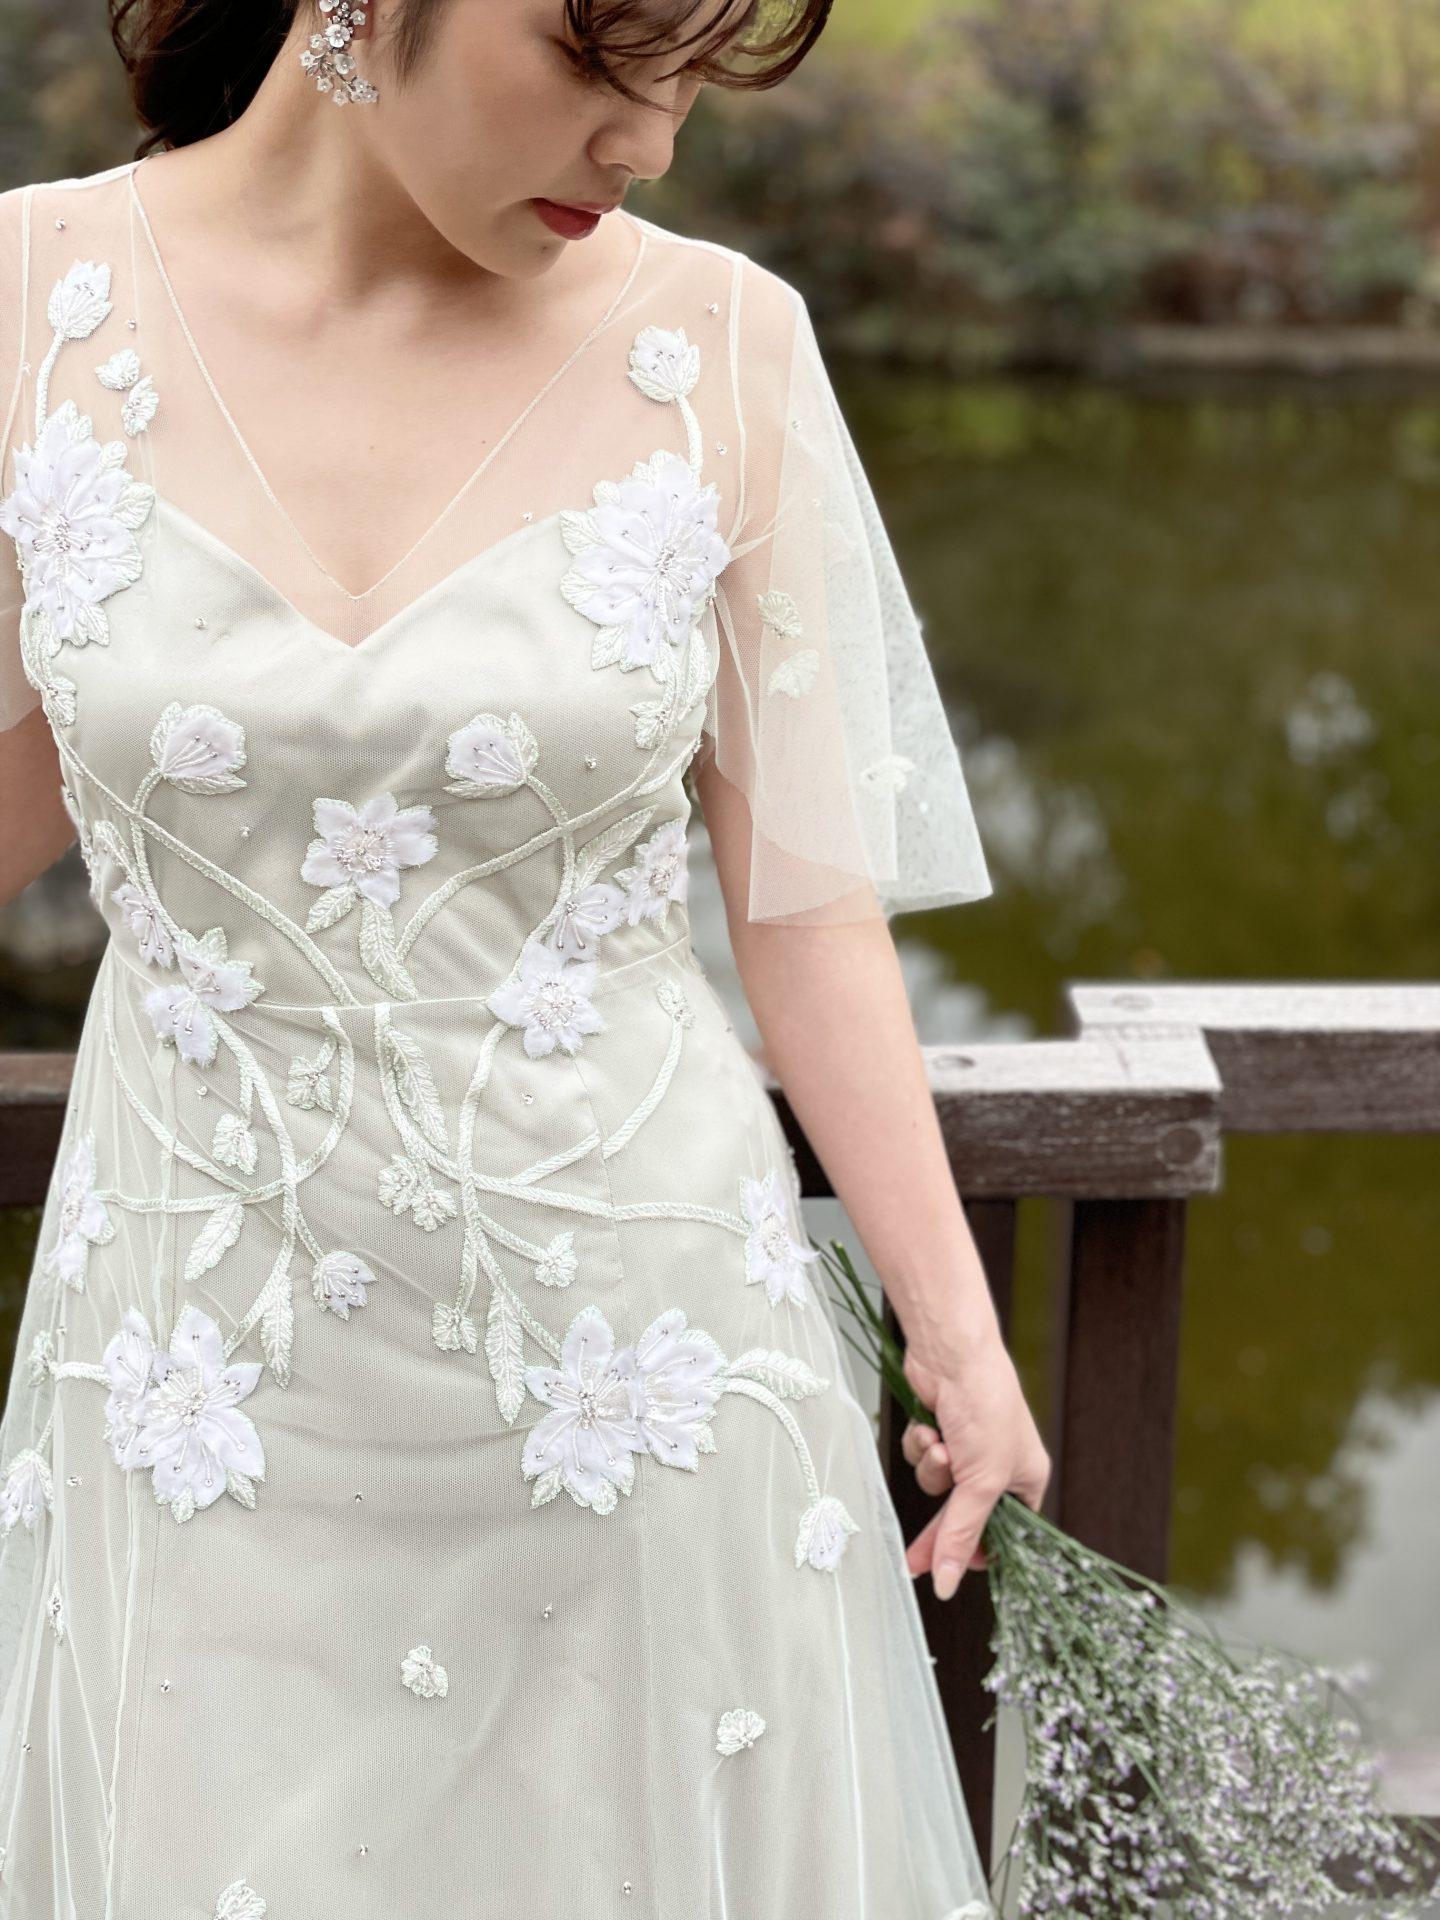 鶴見ノ森迎賓館の提携ドレスショップであるザ・トリートドレッシング大阪店がおすすめするアレクサンドラ・グレッコのグリーンのカラードレス